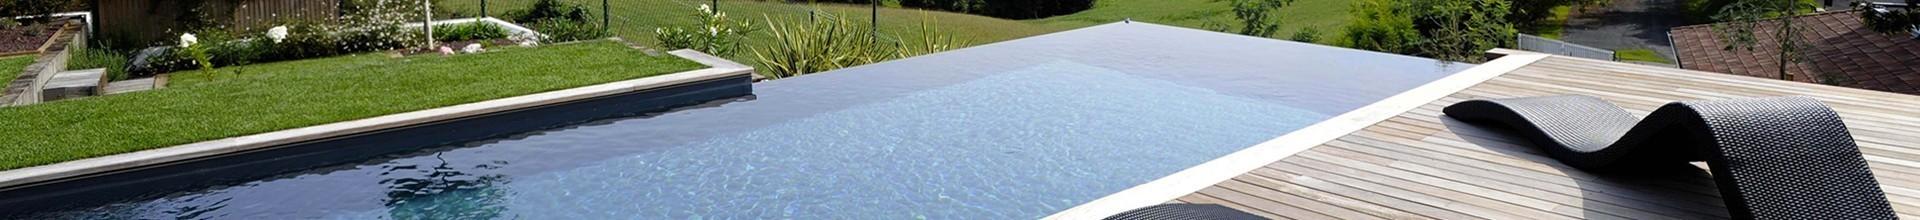 Direct usine, piscine coque prix Charente-Maritime